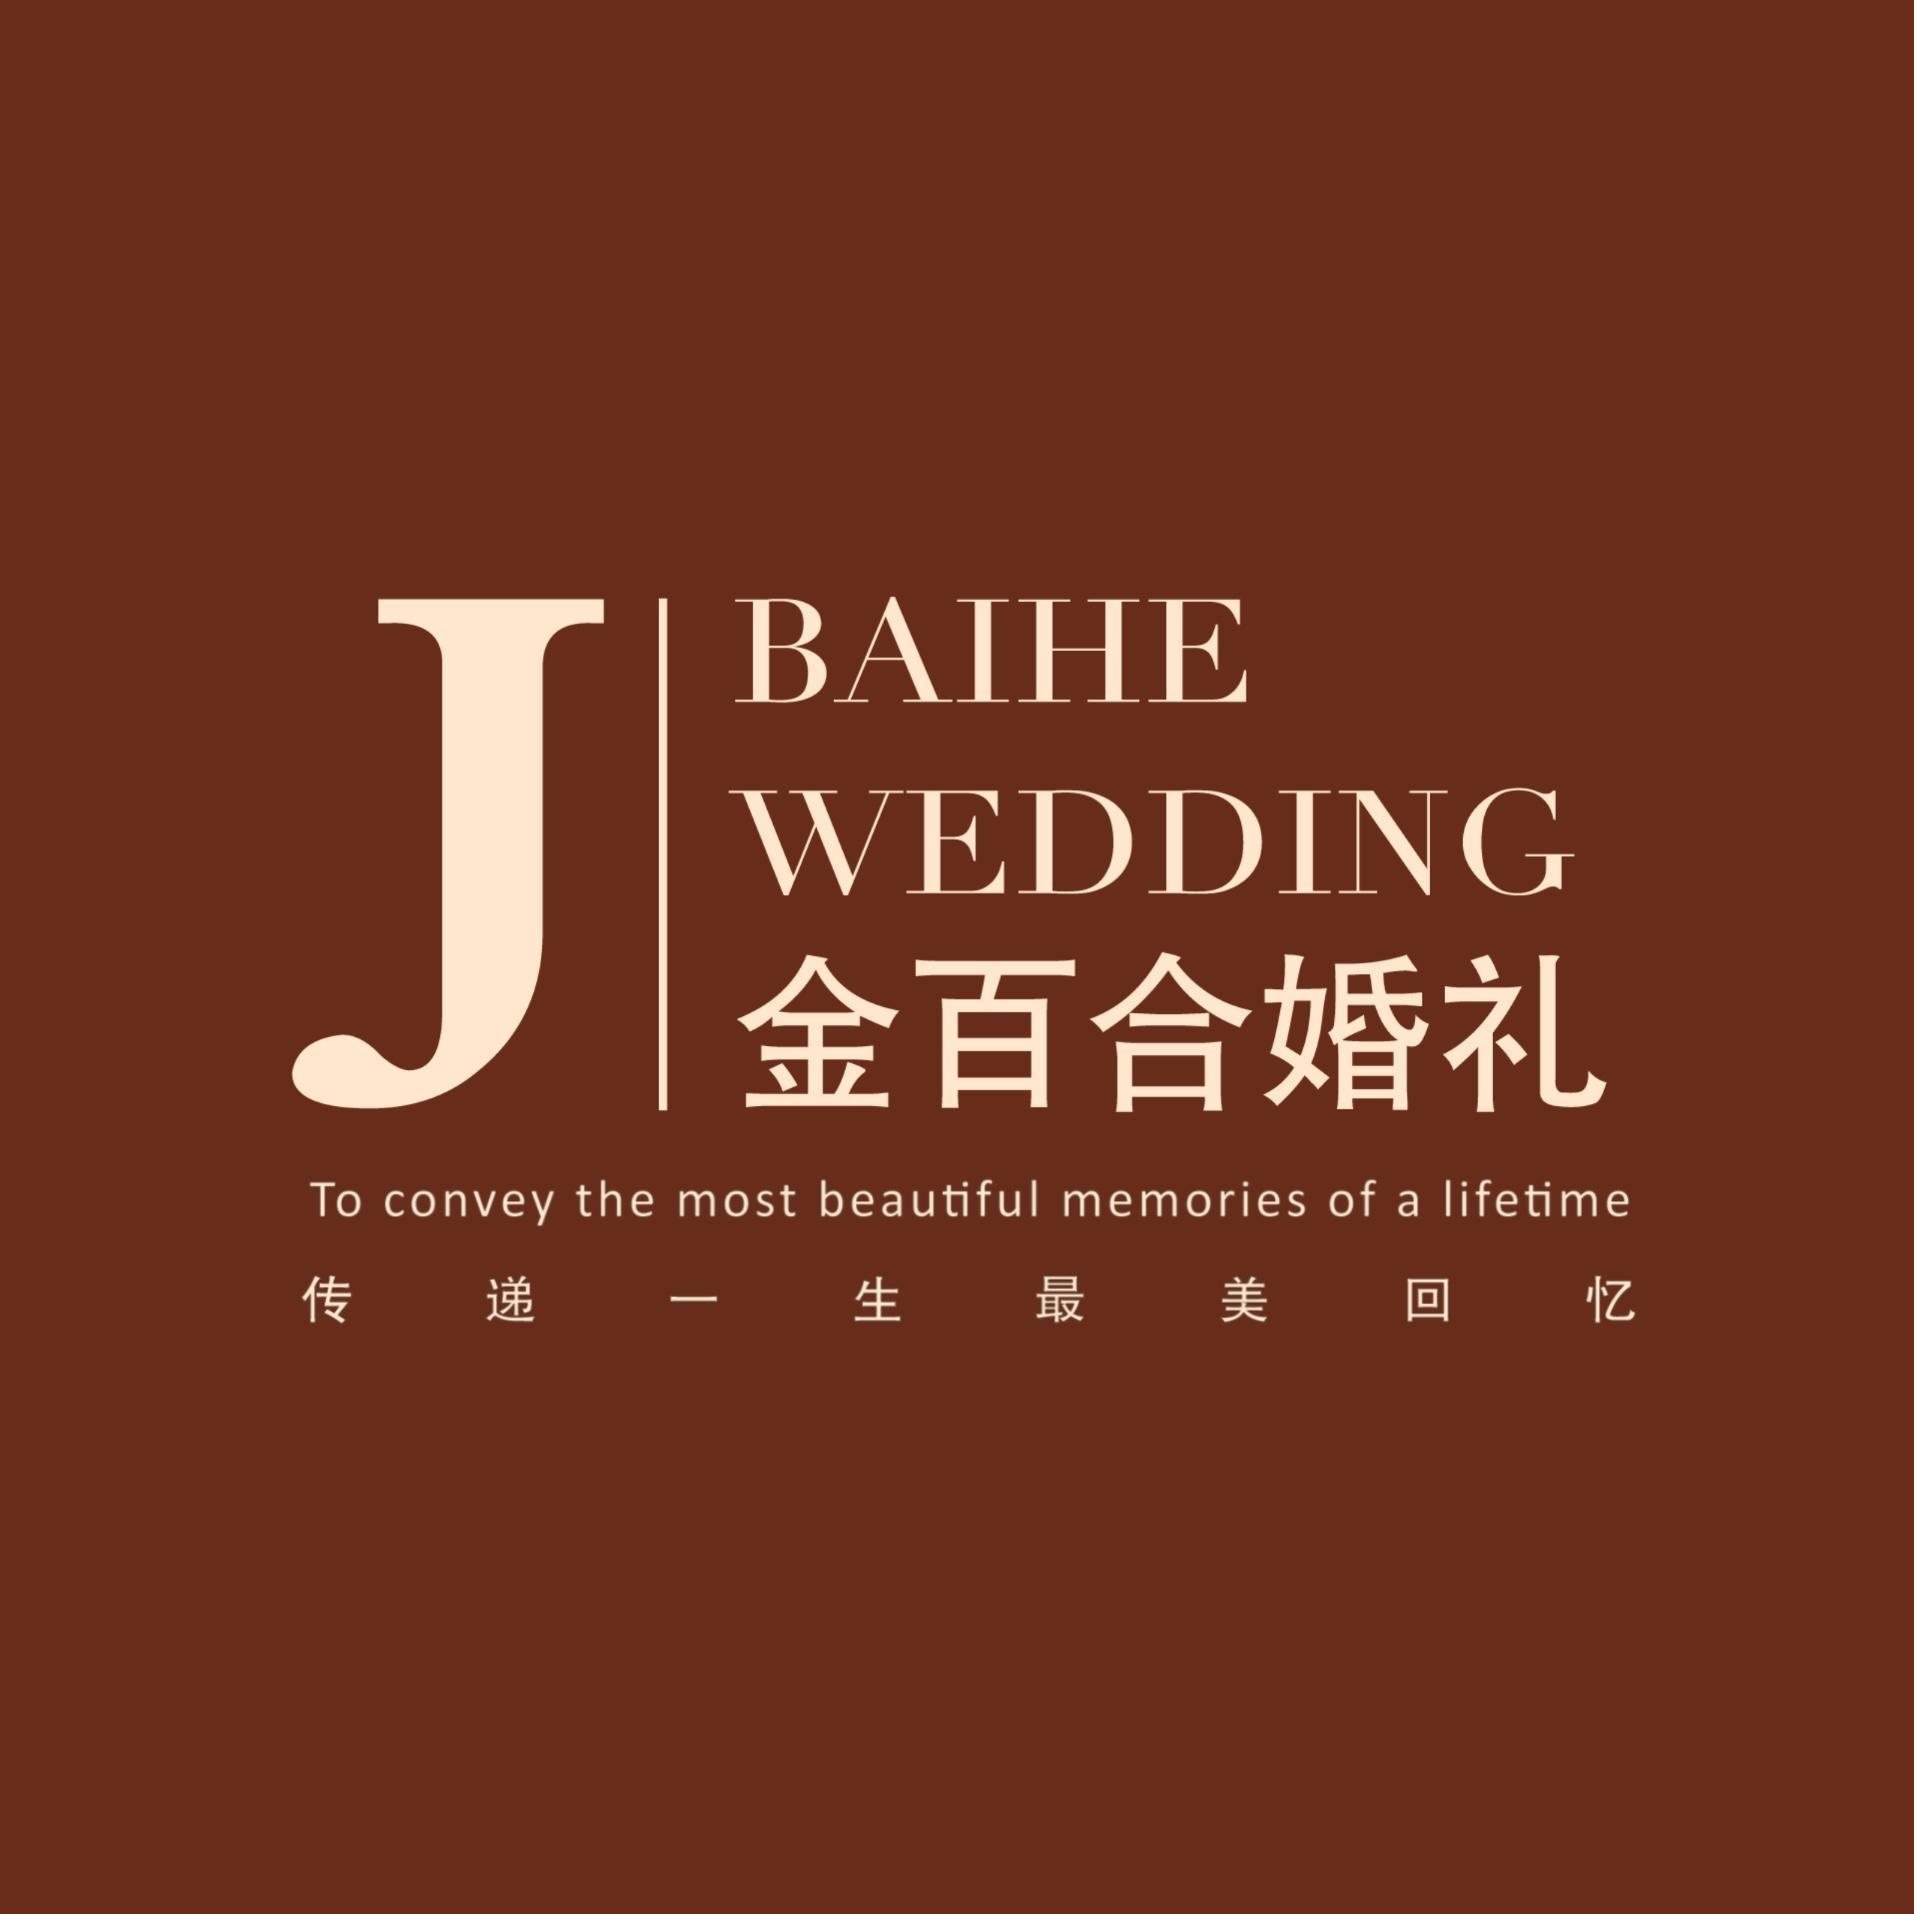 金百合婚礼定制